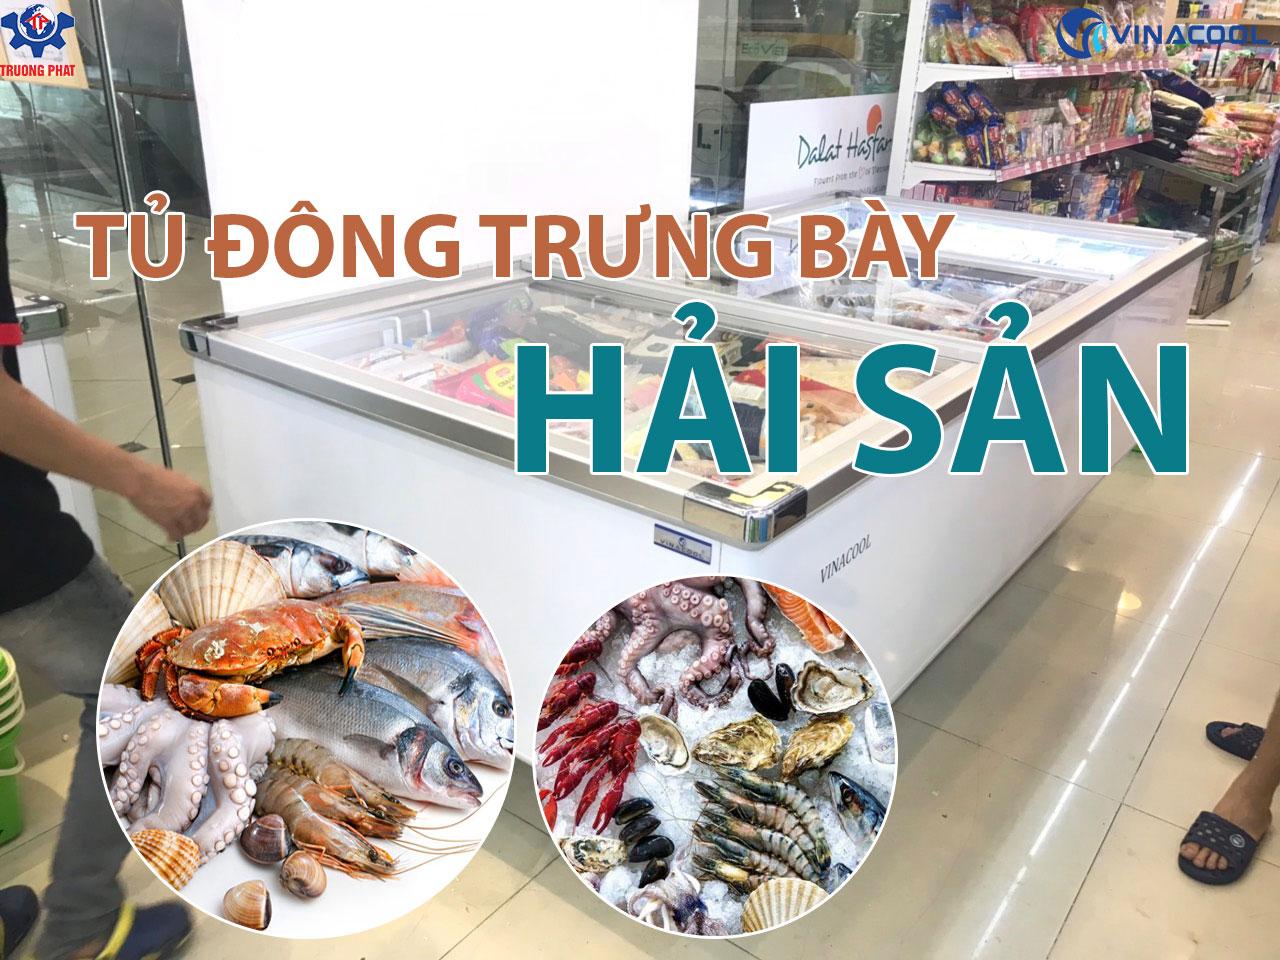 Kinh nghiệm mua tủ đông trưng bày hải sản giá rẻ chất lượng